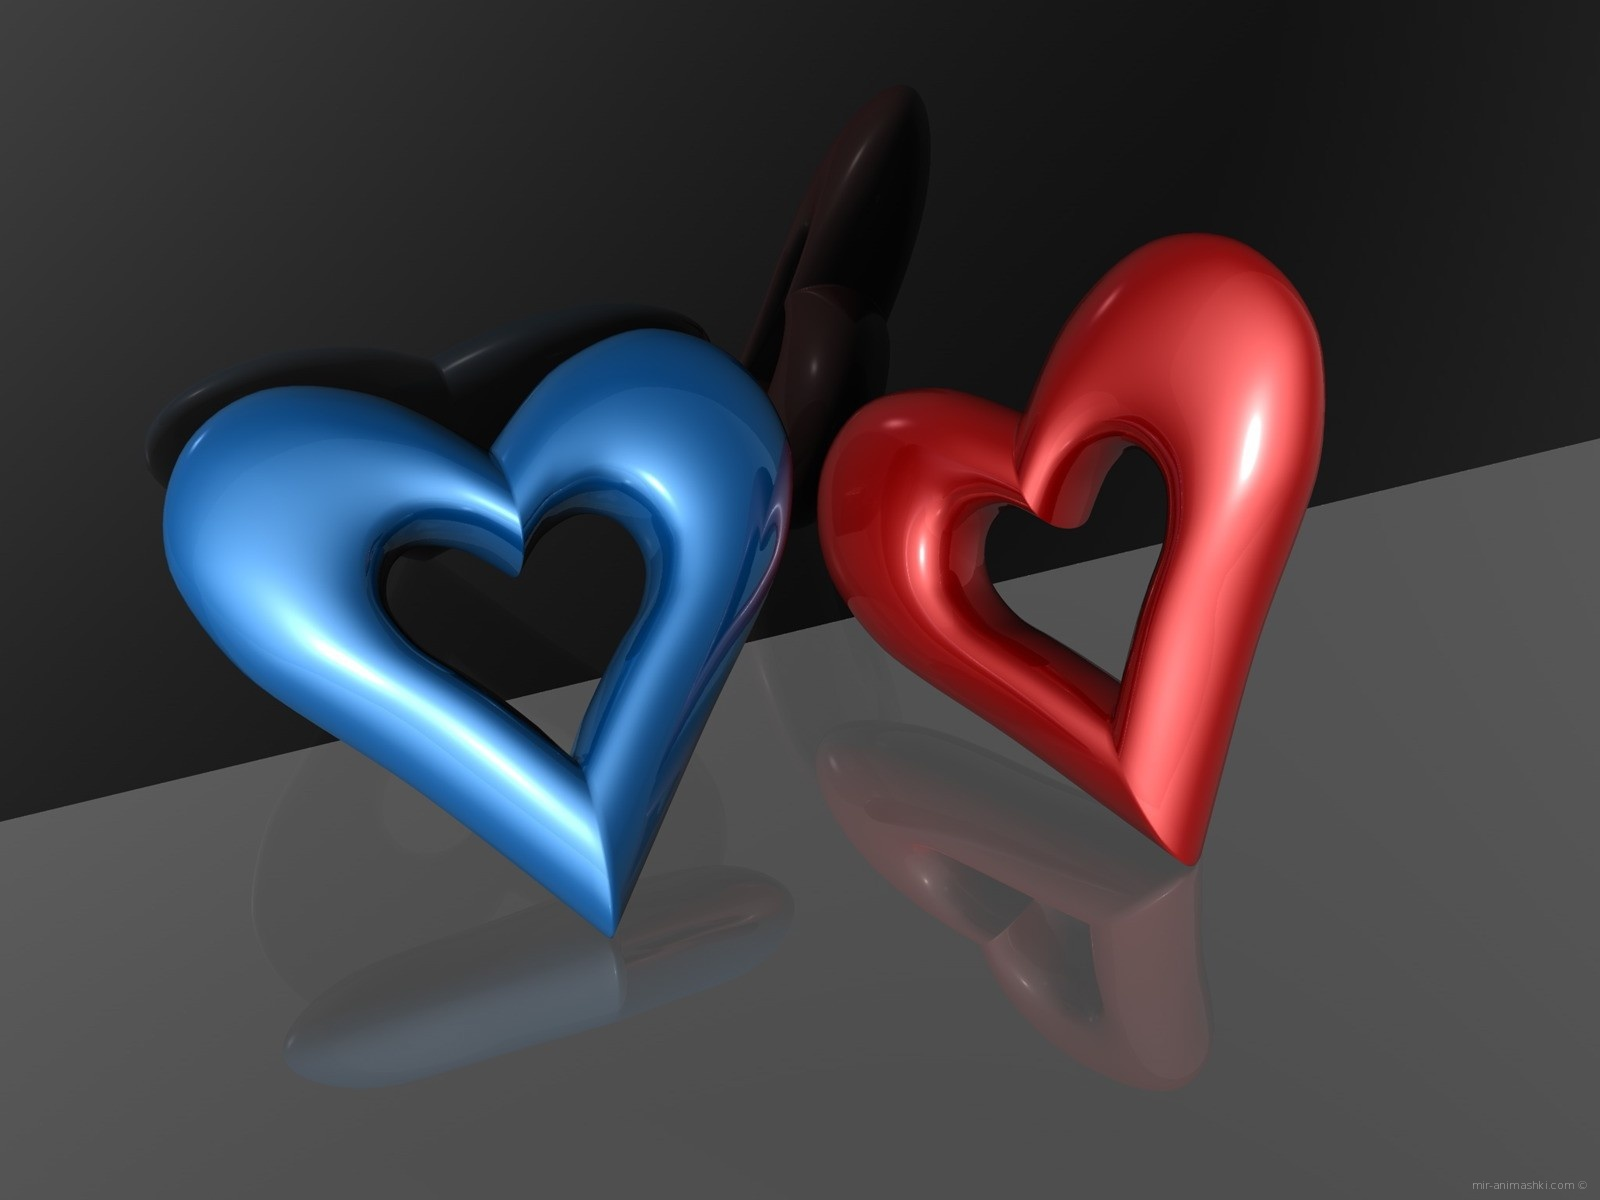 Синий и красный сердечки - С днем Святого Валентина поздравительные картинки